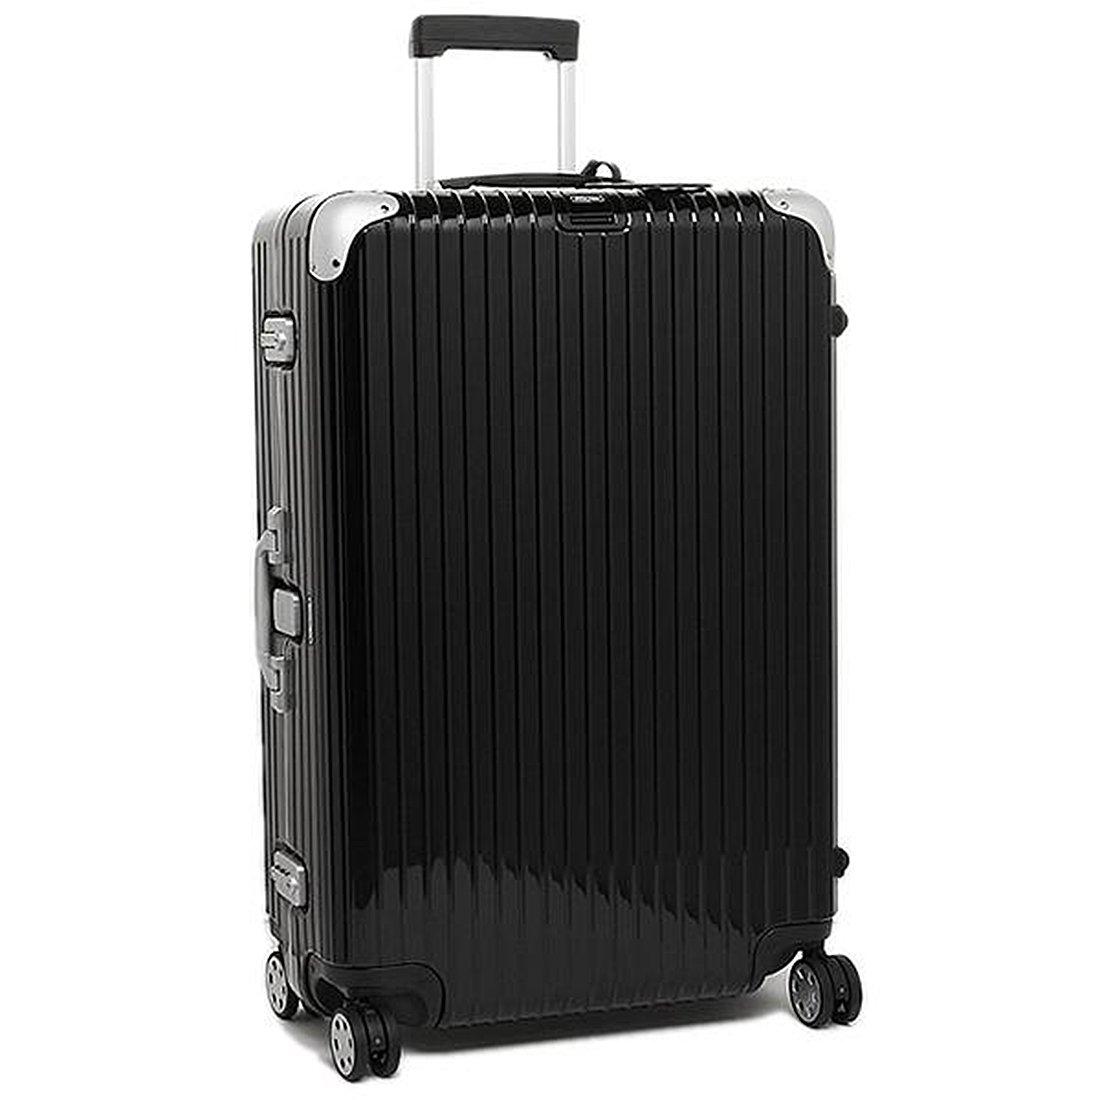 リモワ スーツケース レディース/メンズ RIMOWA 881.77.50.4 LIMBO 81CM 98L 10泊用 4輪 TSAロック キャリーバッグ BLACK [並行輸入品] B06XBY4N7Q